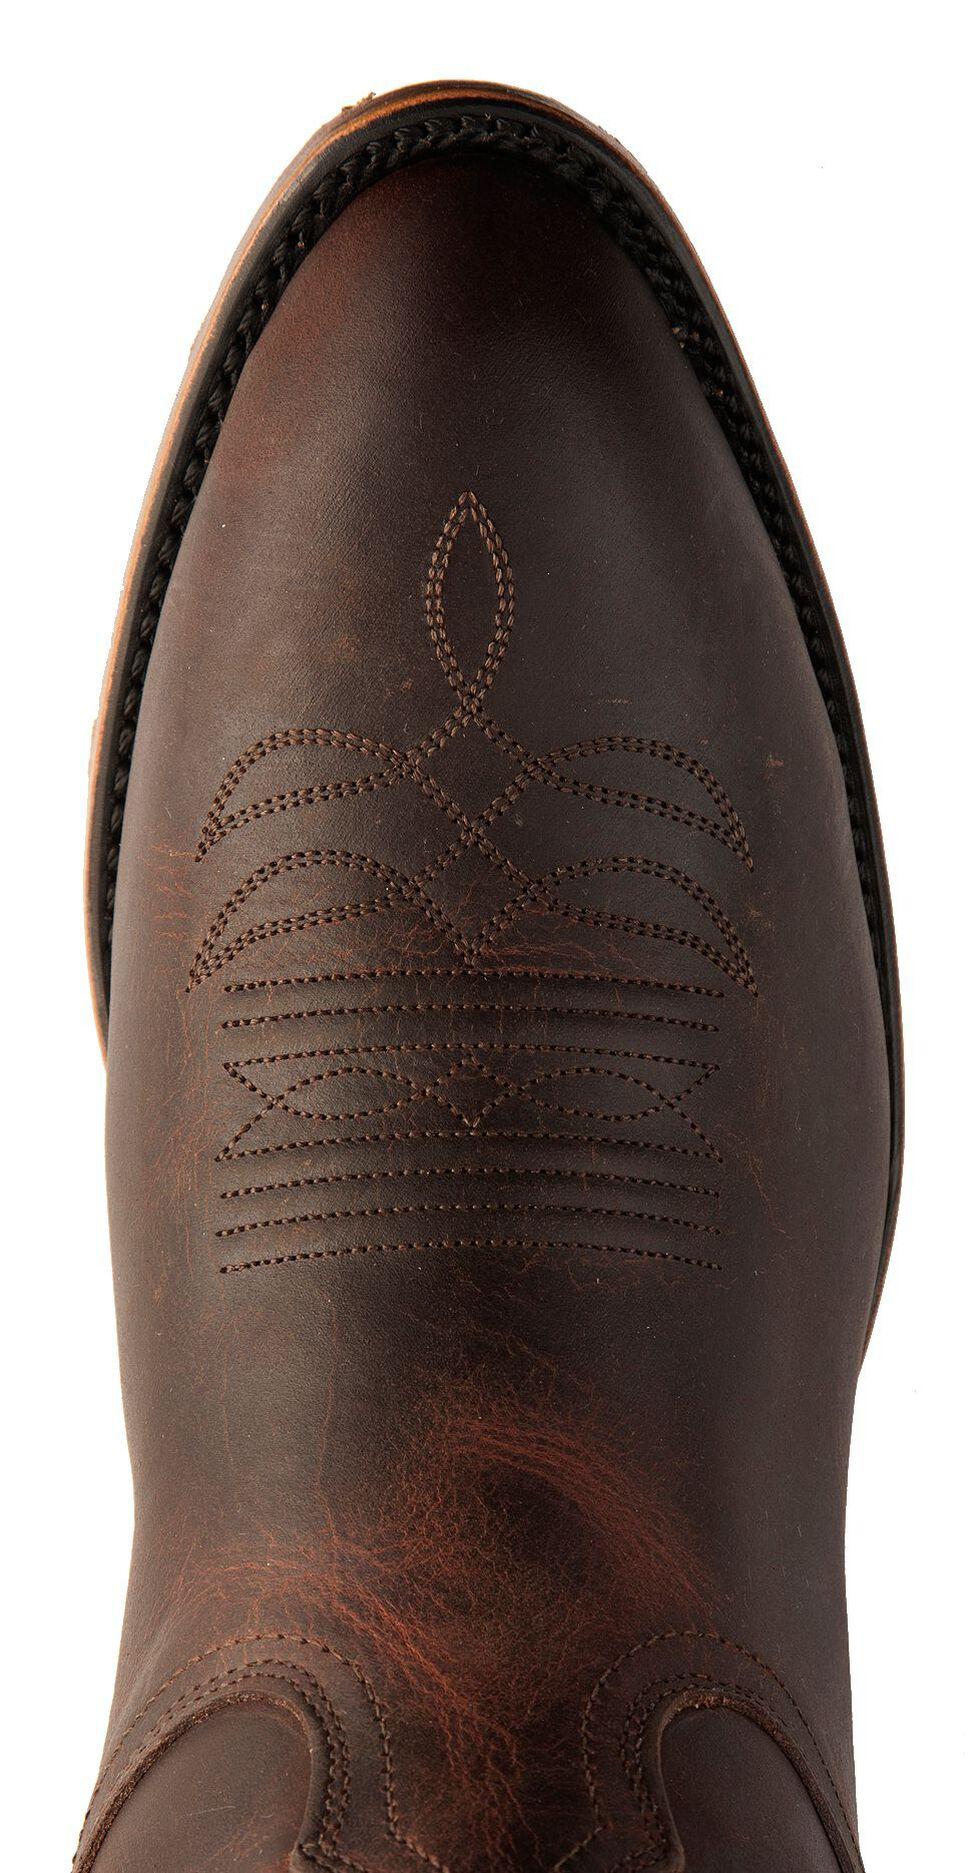 Boulet Copper Cowboy Boots - Medium Toe, Copper, hi-res